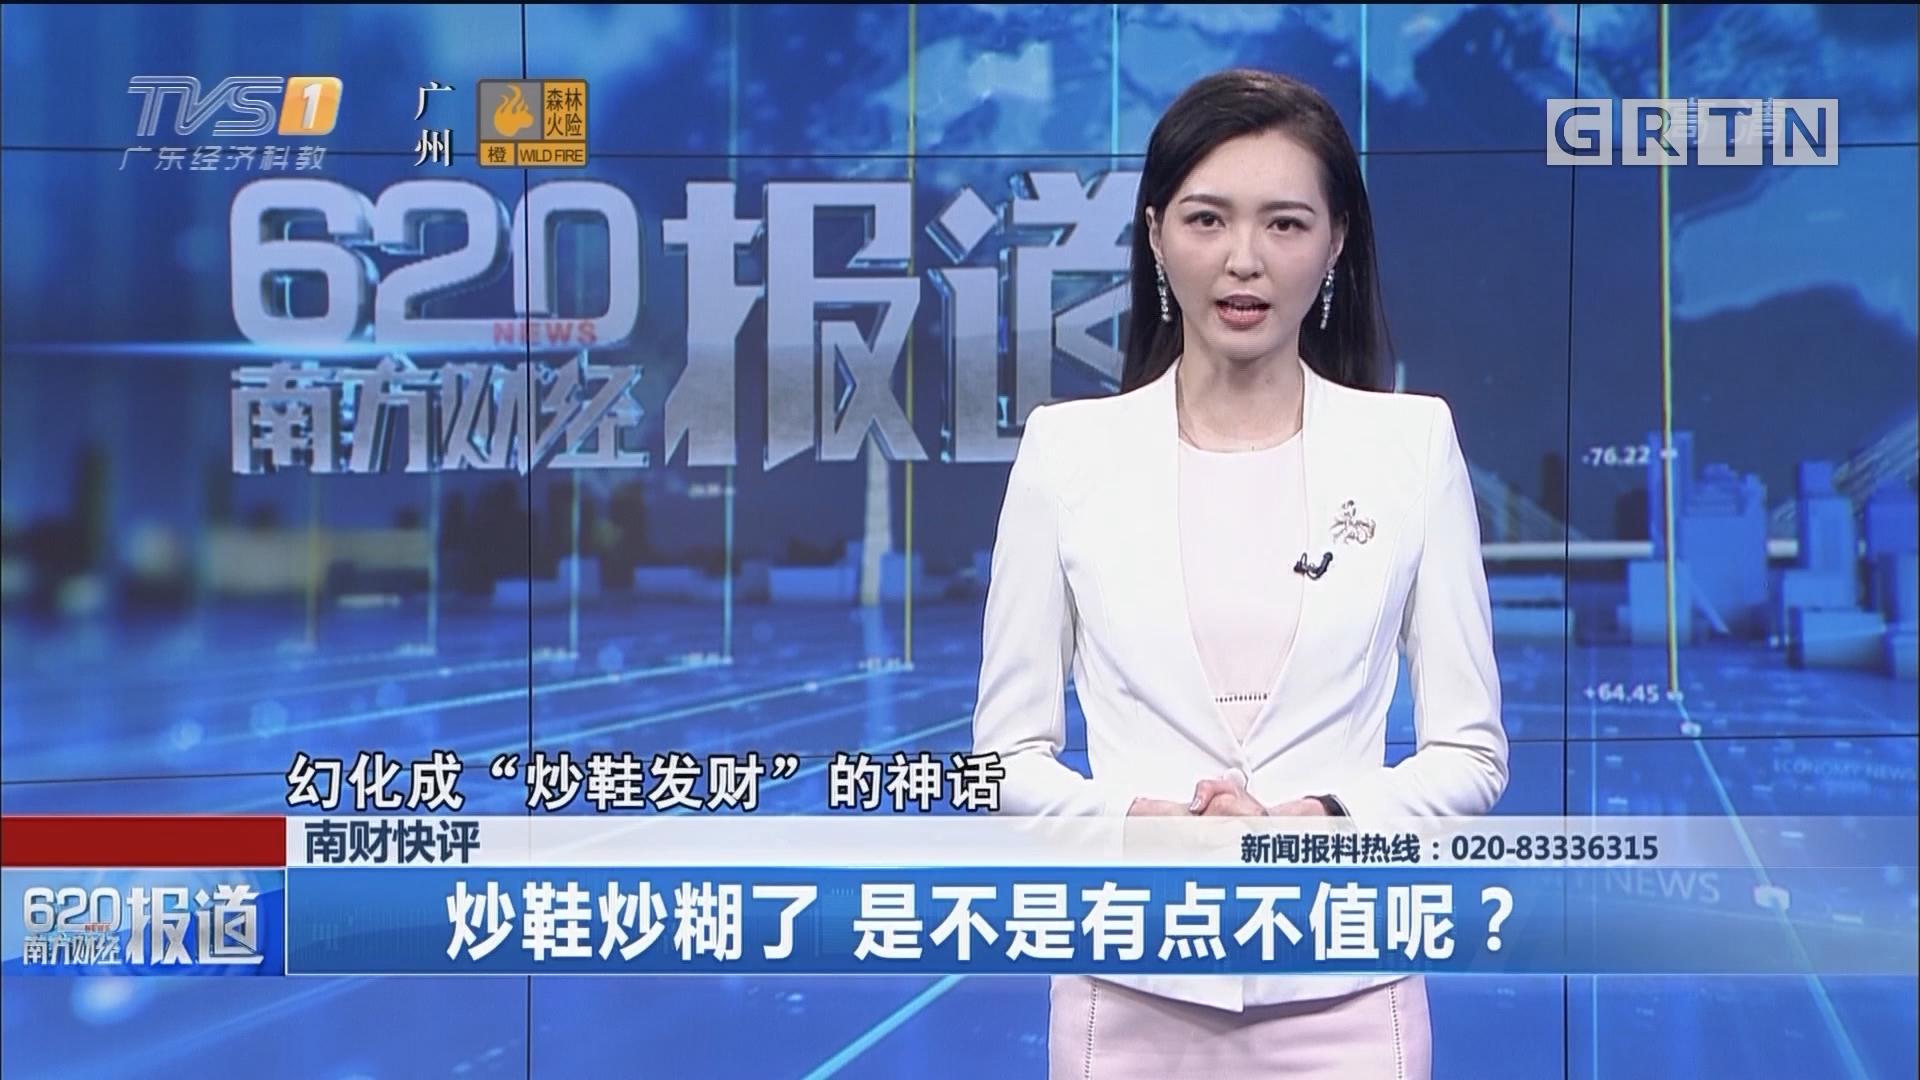 南财快评:炒鞋炒糊了 是不是有点不值呢?